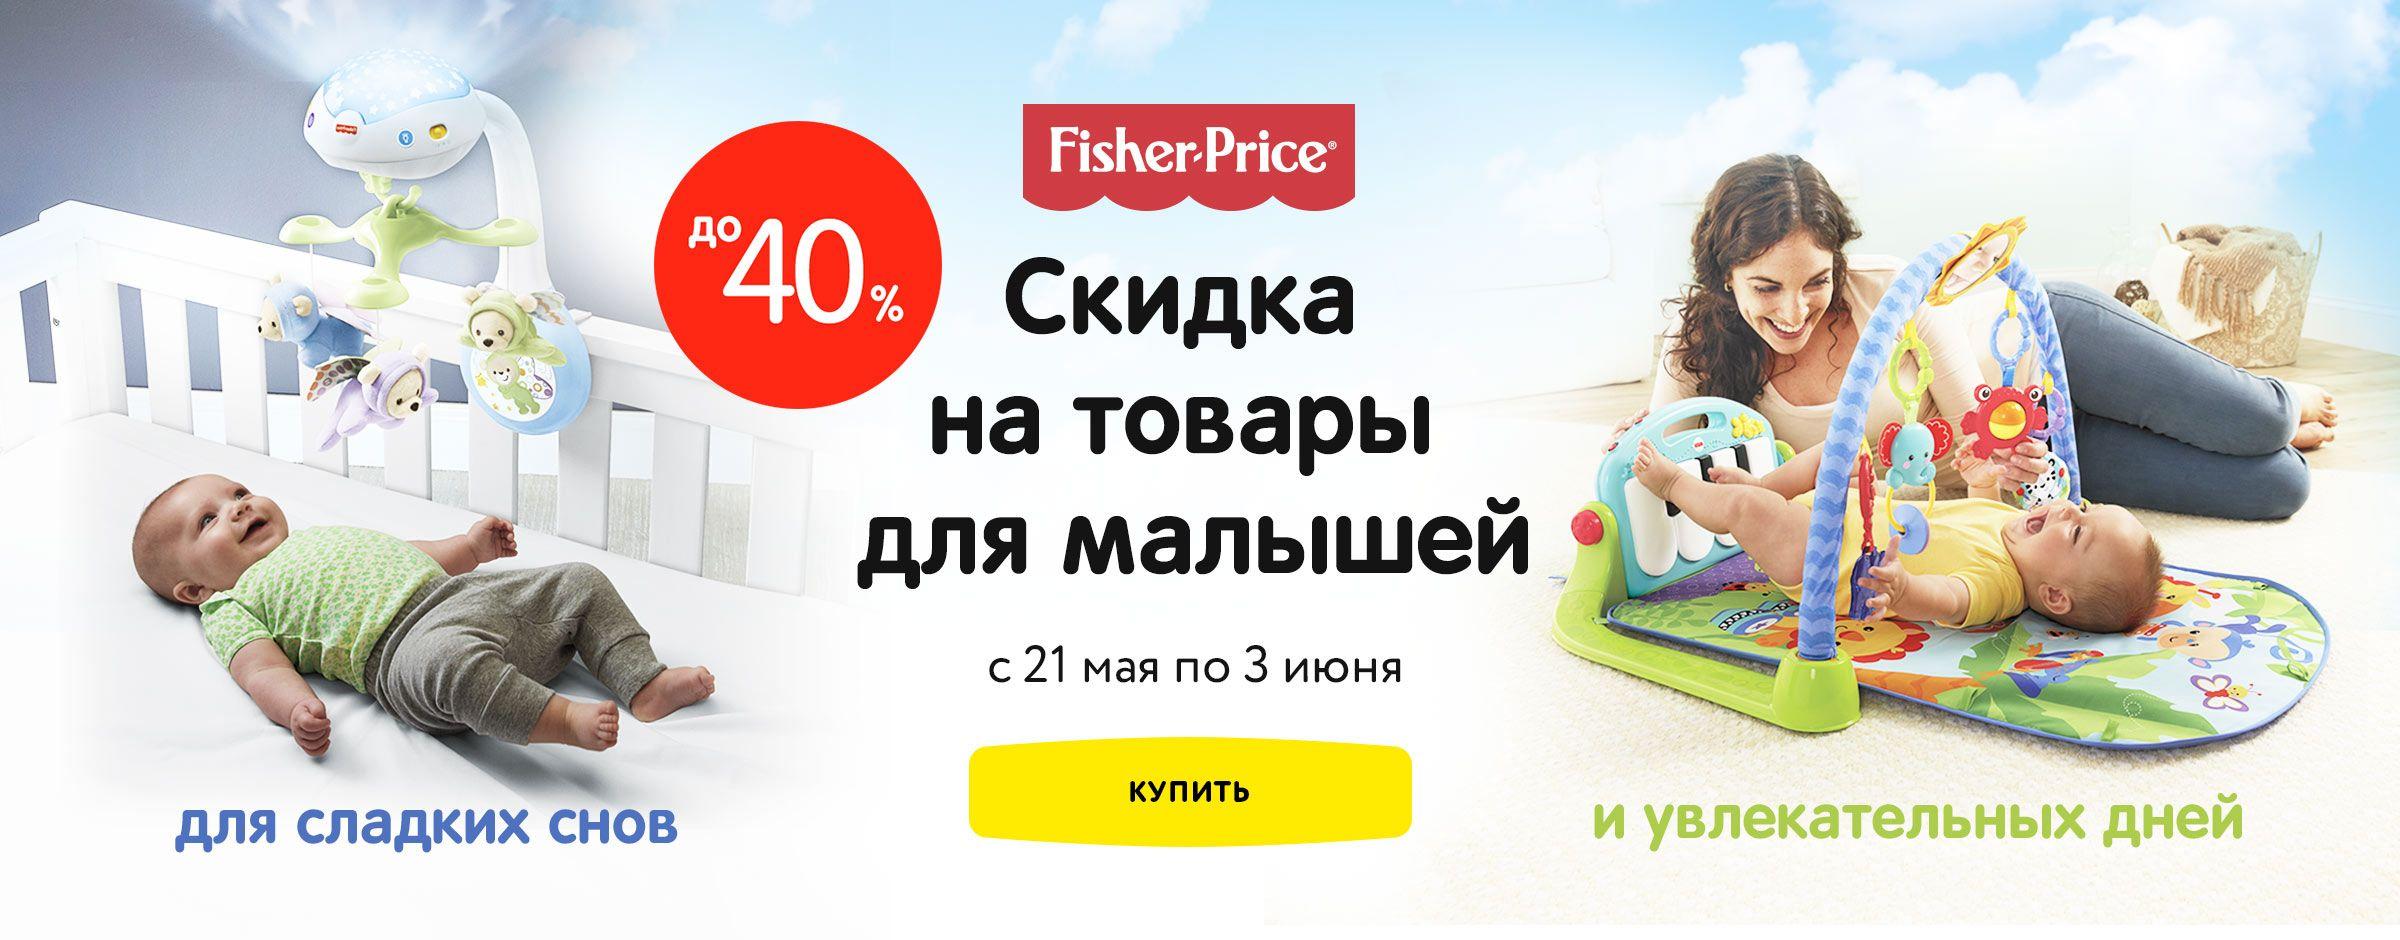 До 40% на Fisher price